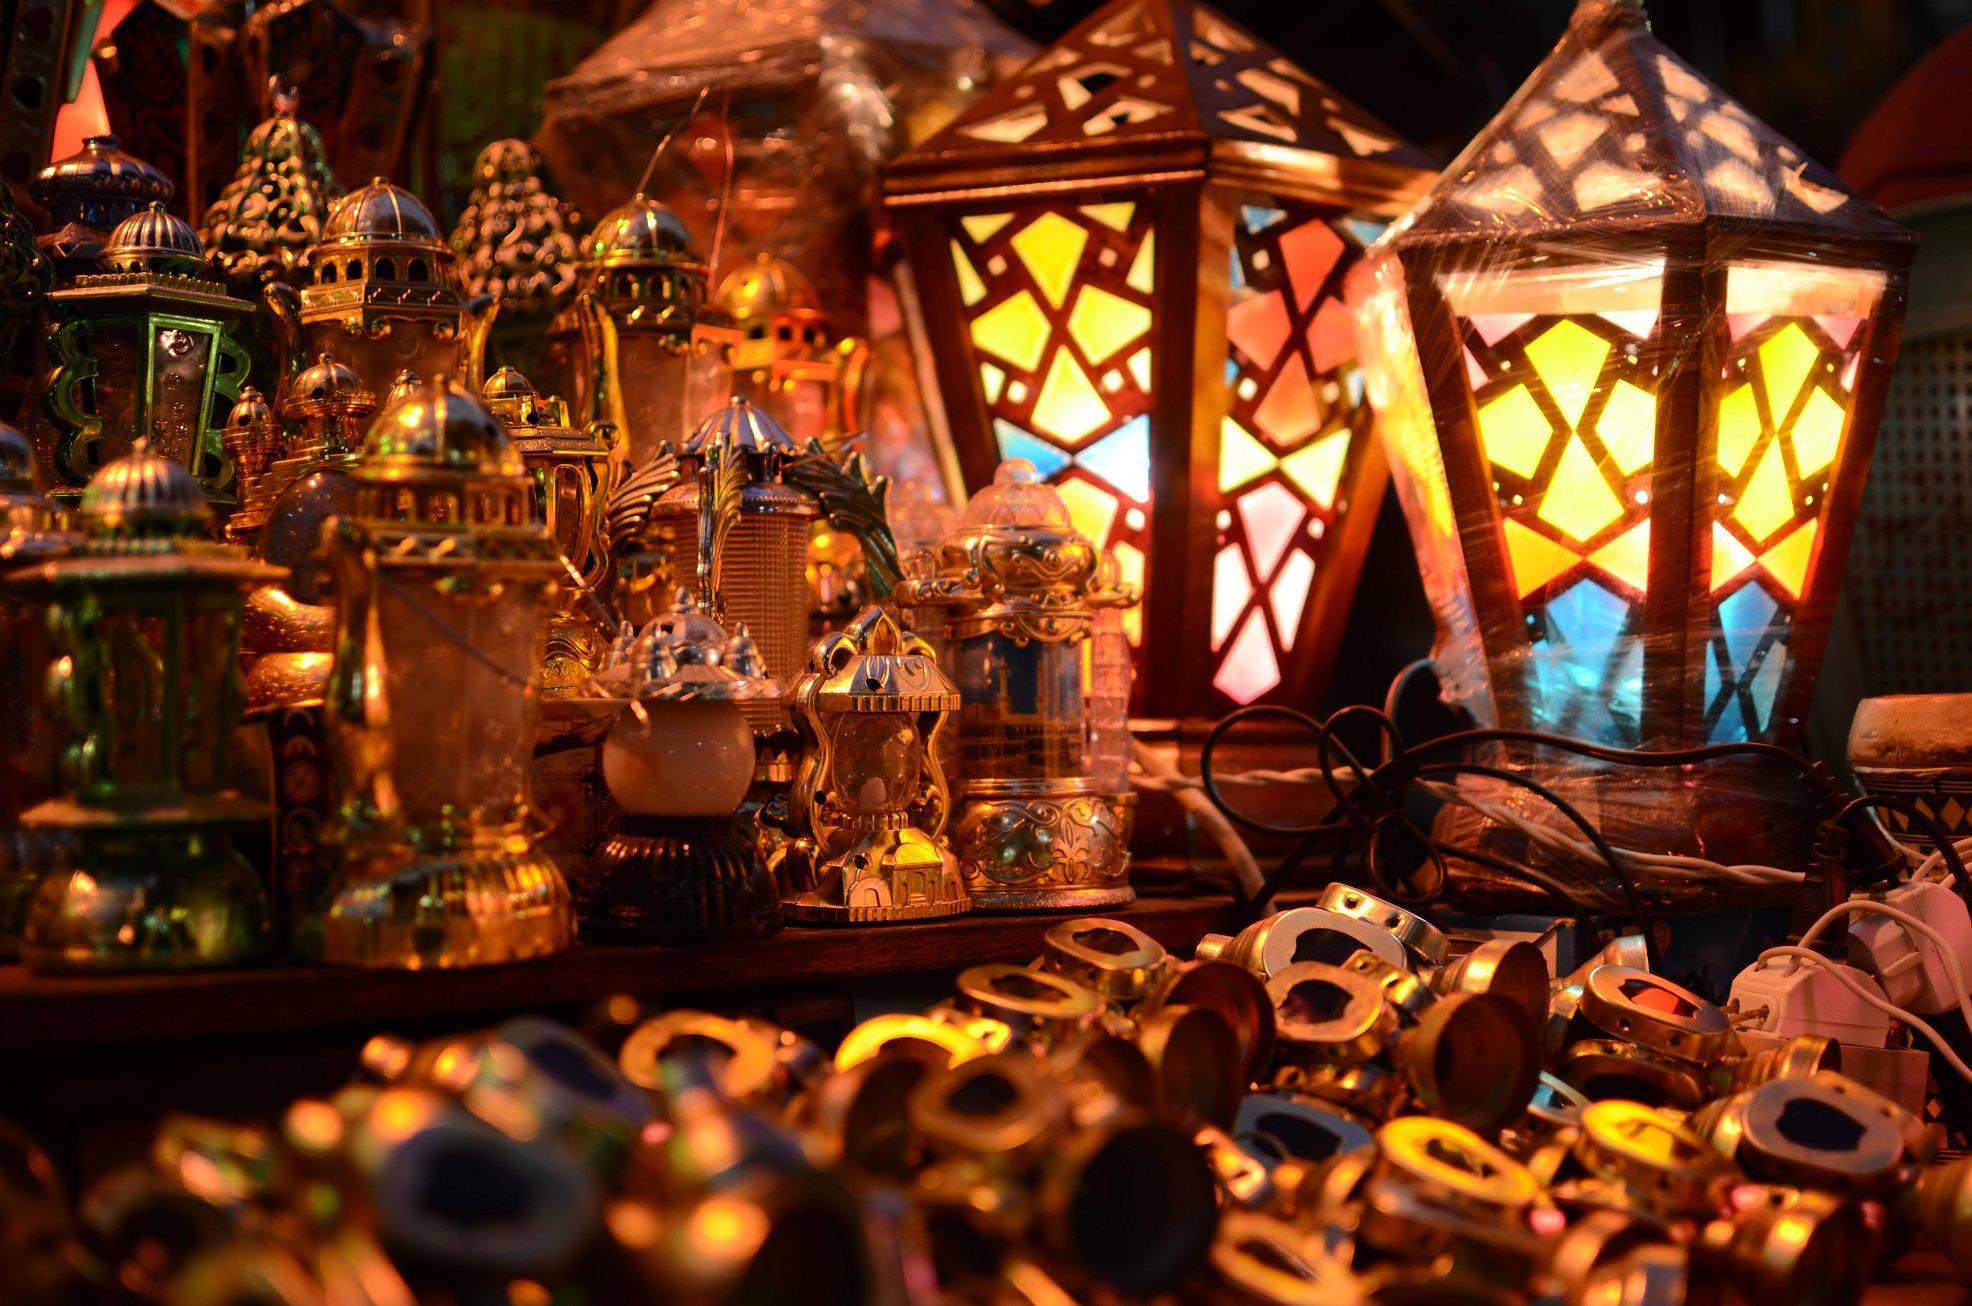 صوره رمزيه لفوانيس رمضان